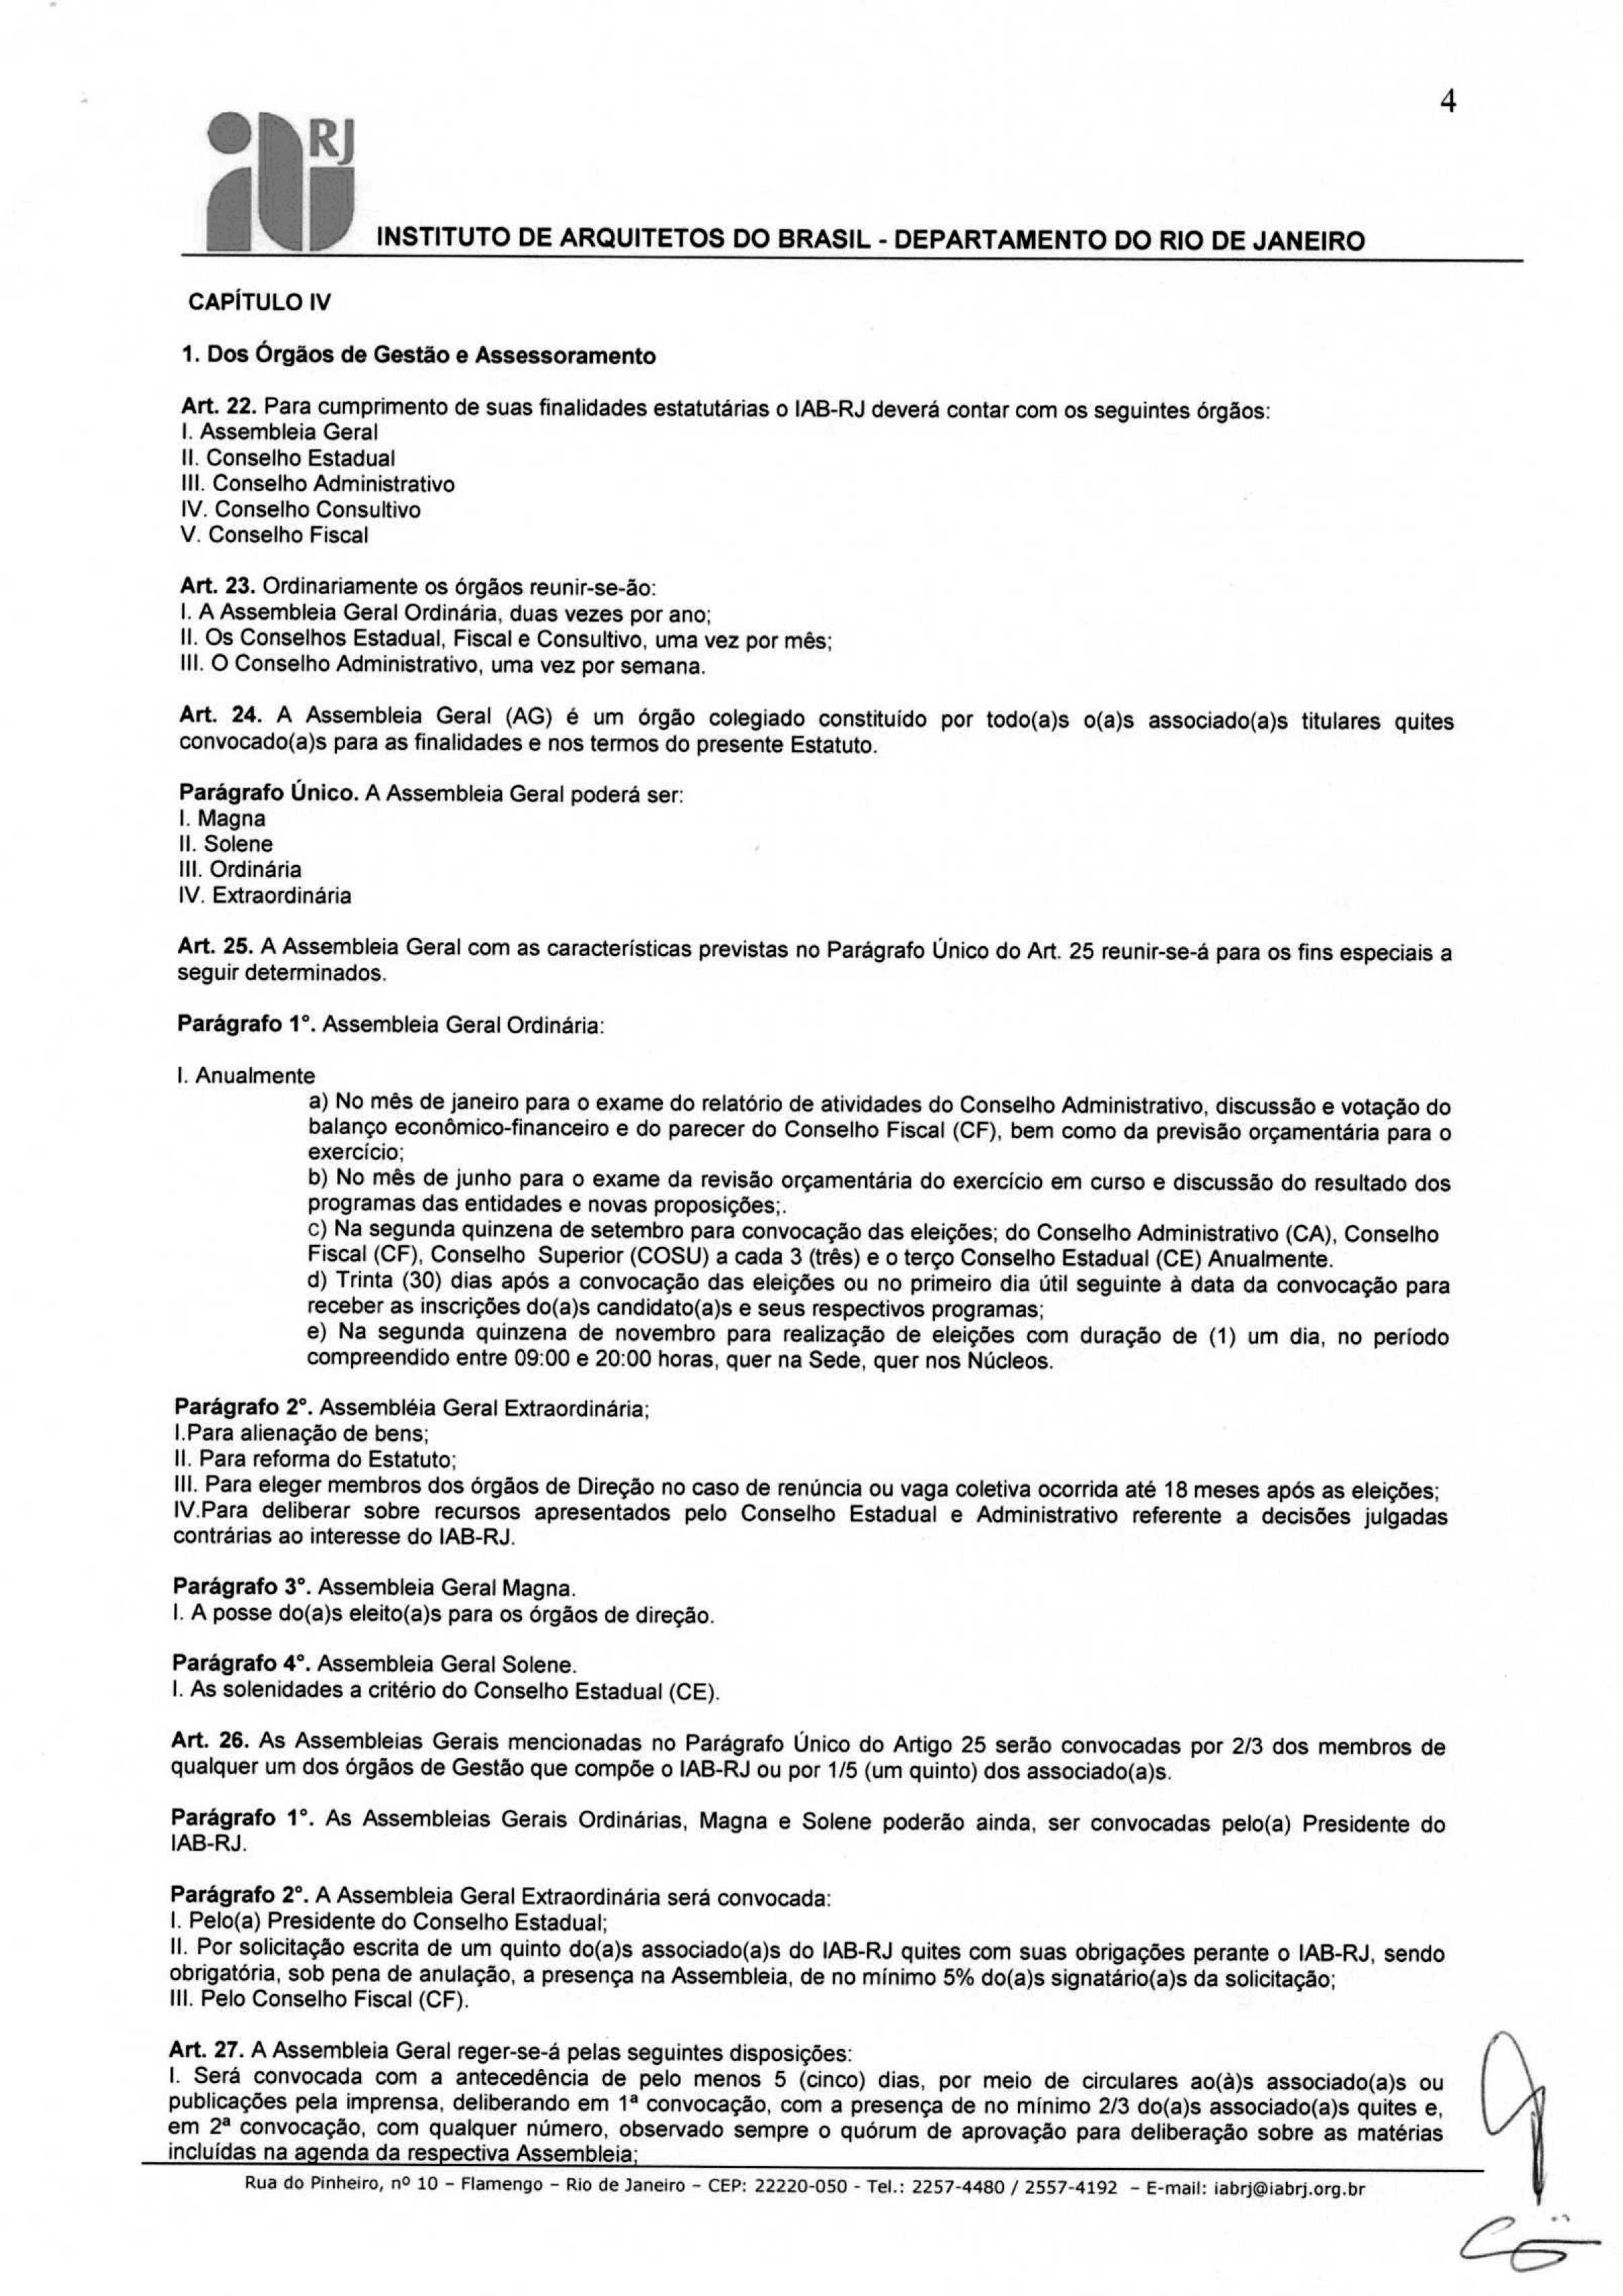 Estatuto_IABRJ_Registrado2016-4-10